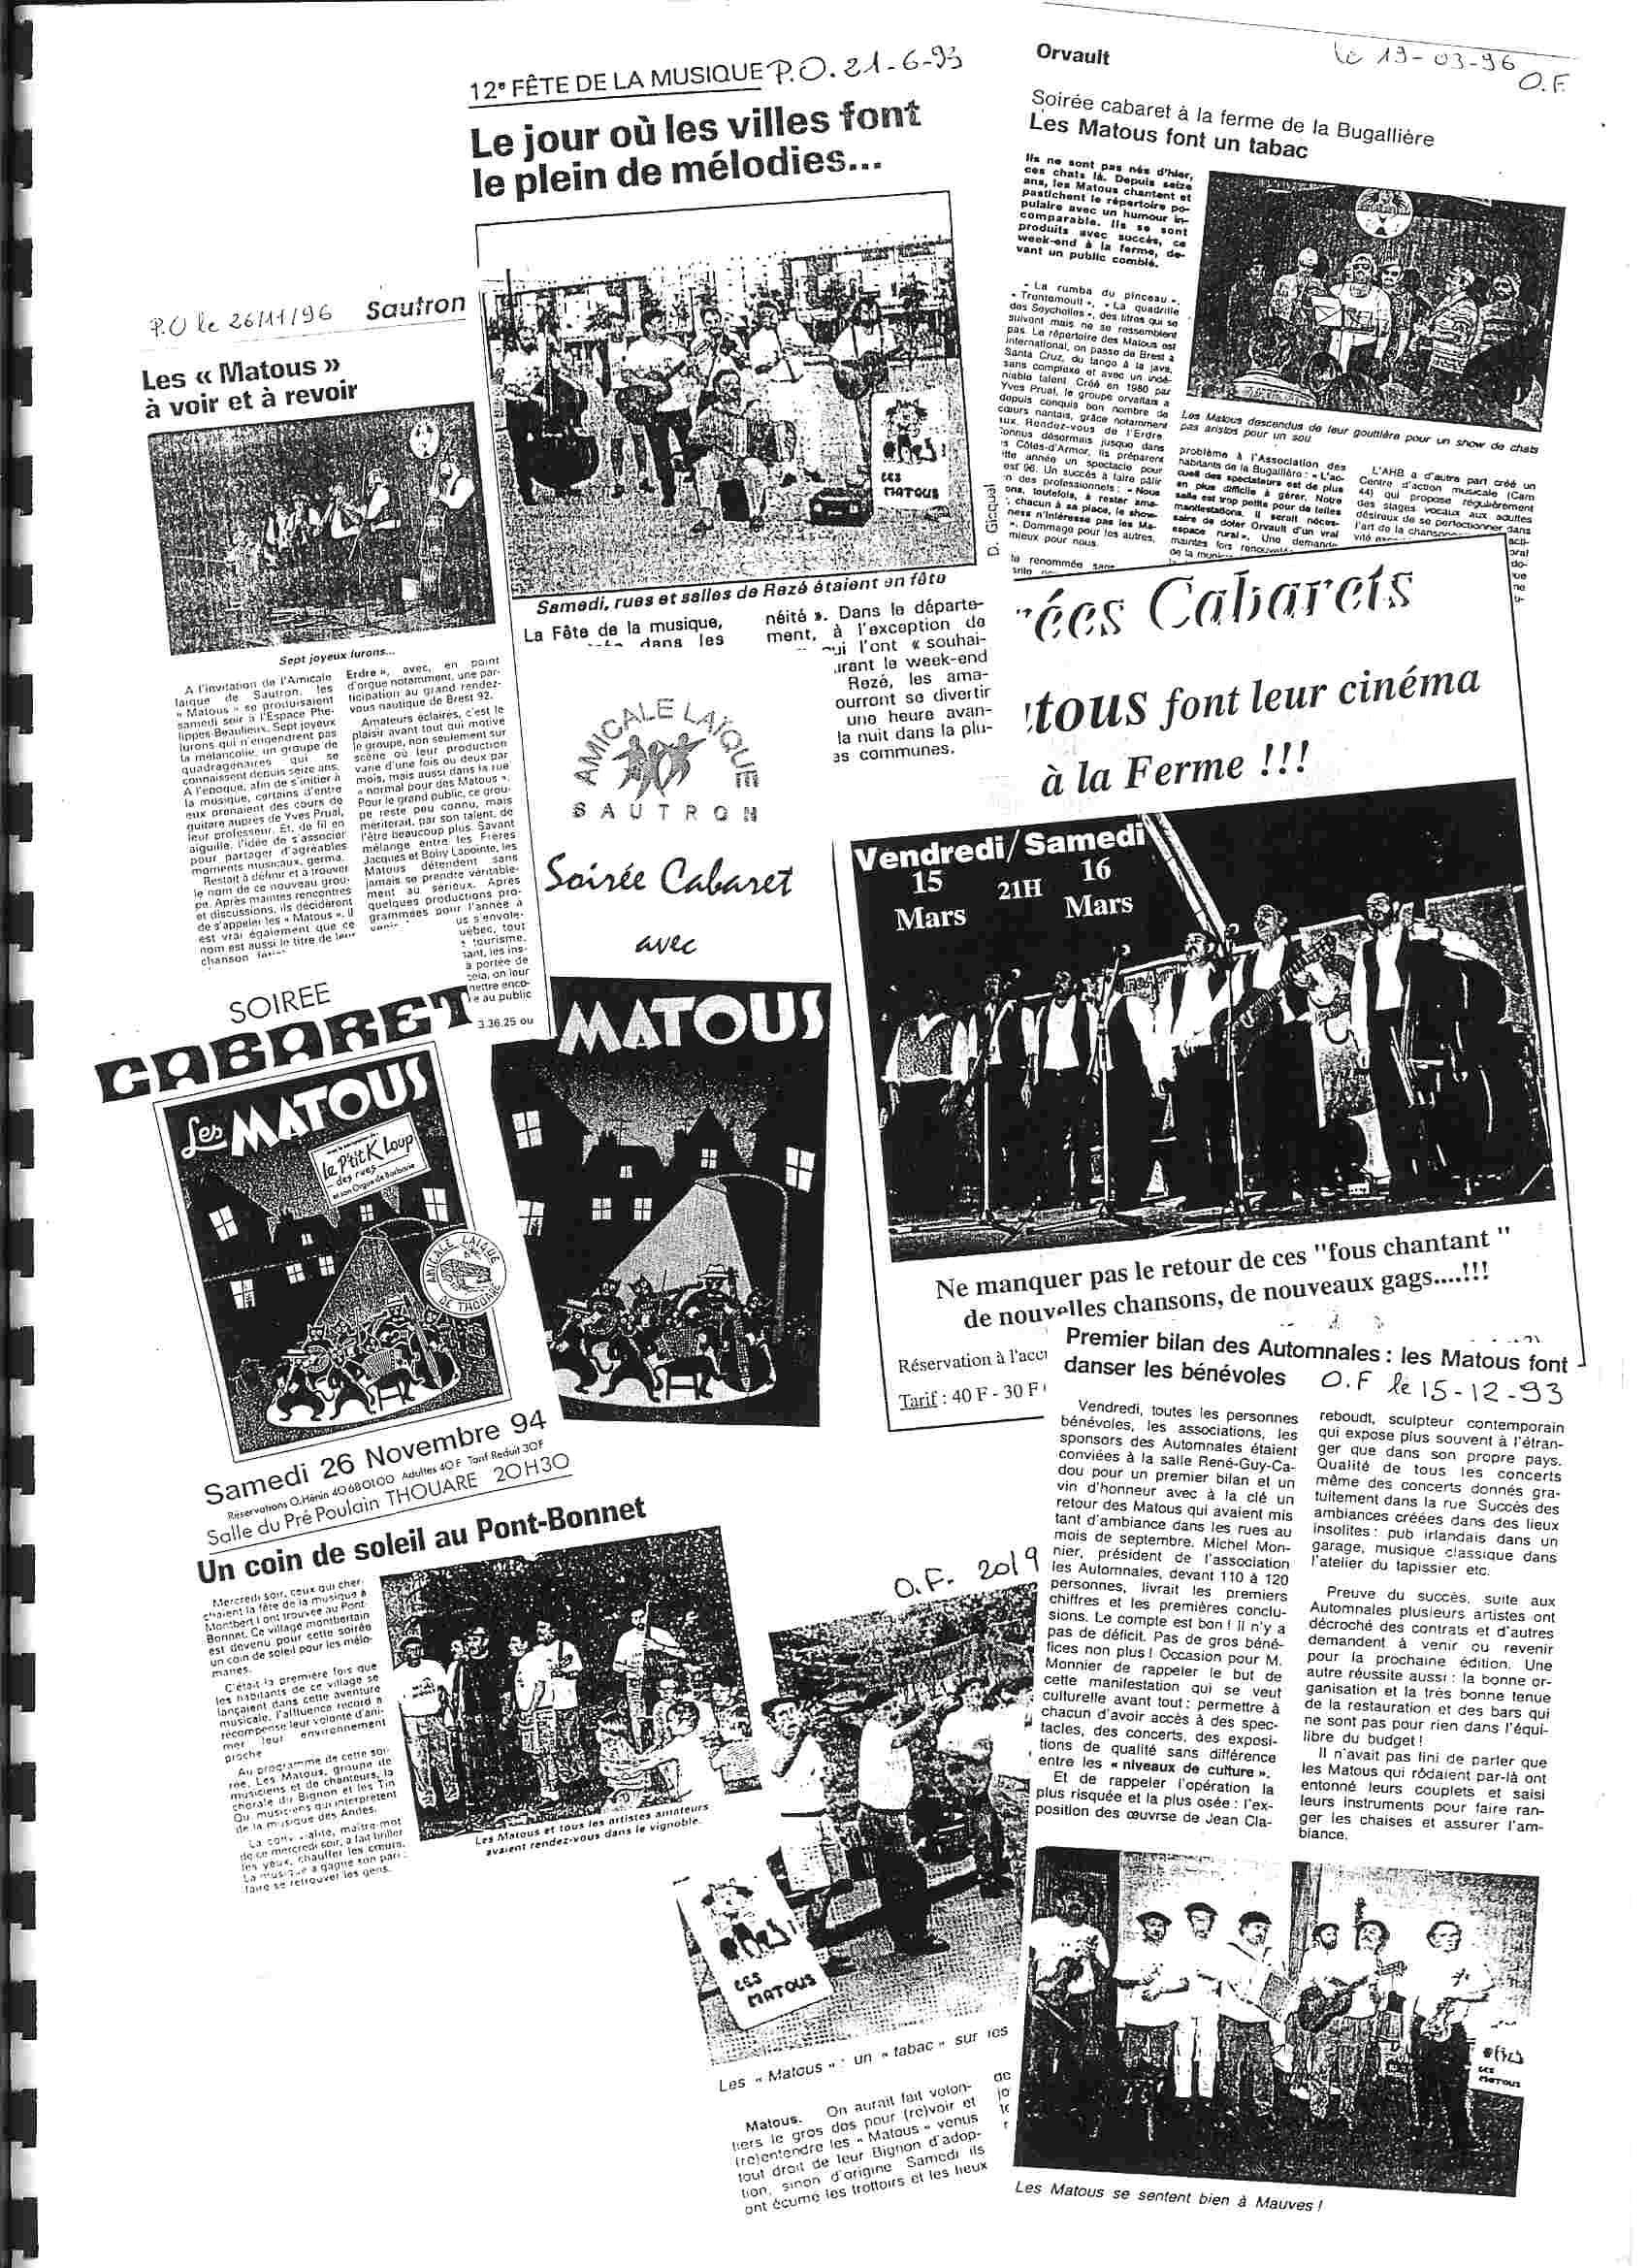 pressebook2.jpg